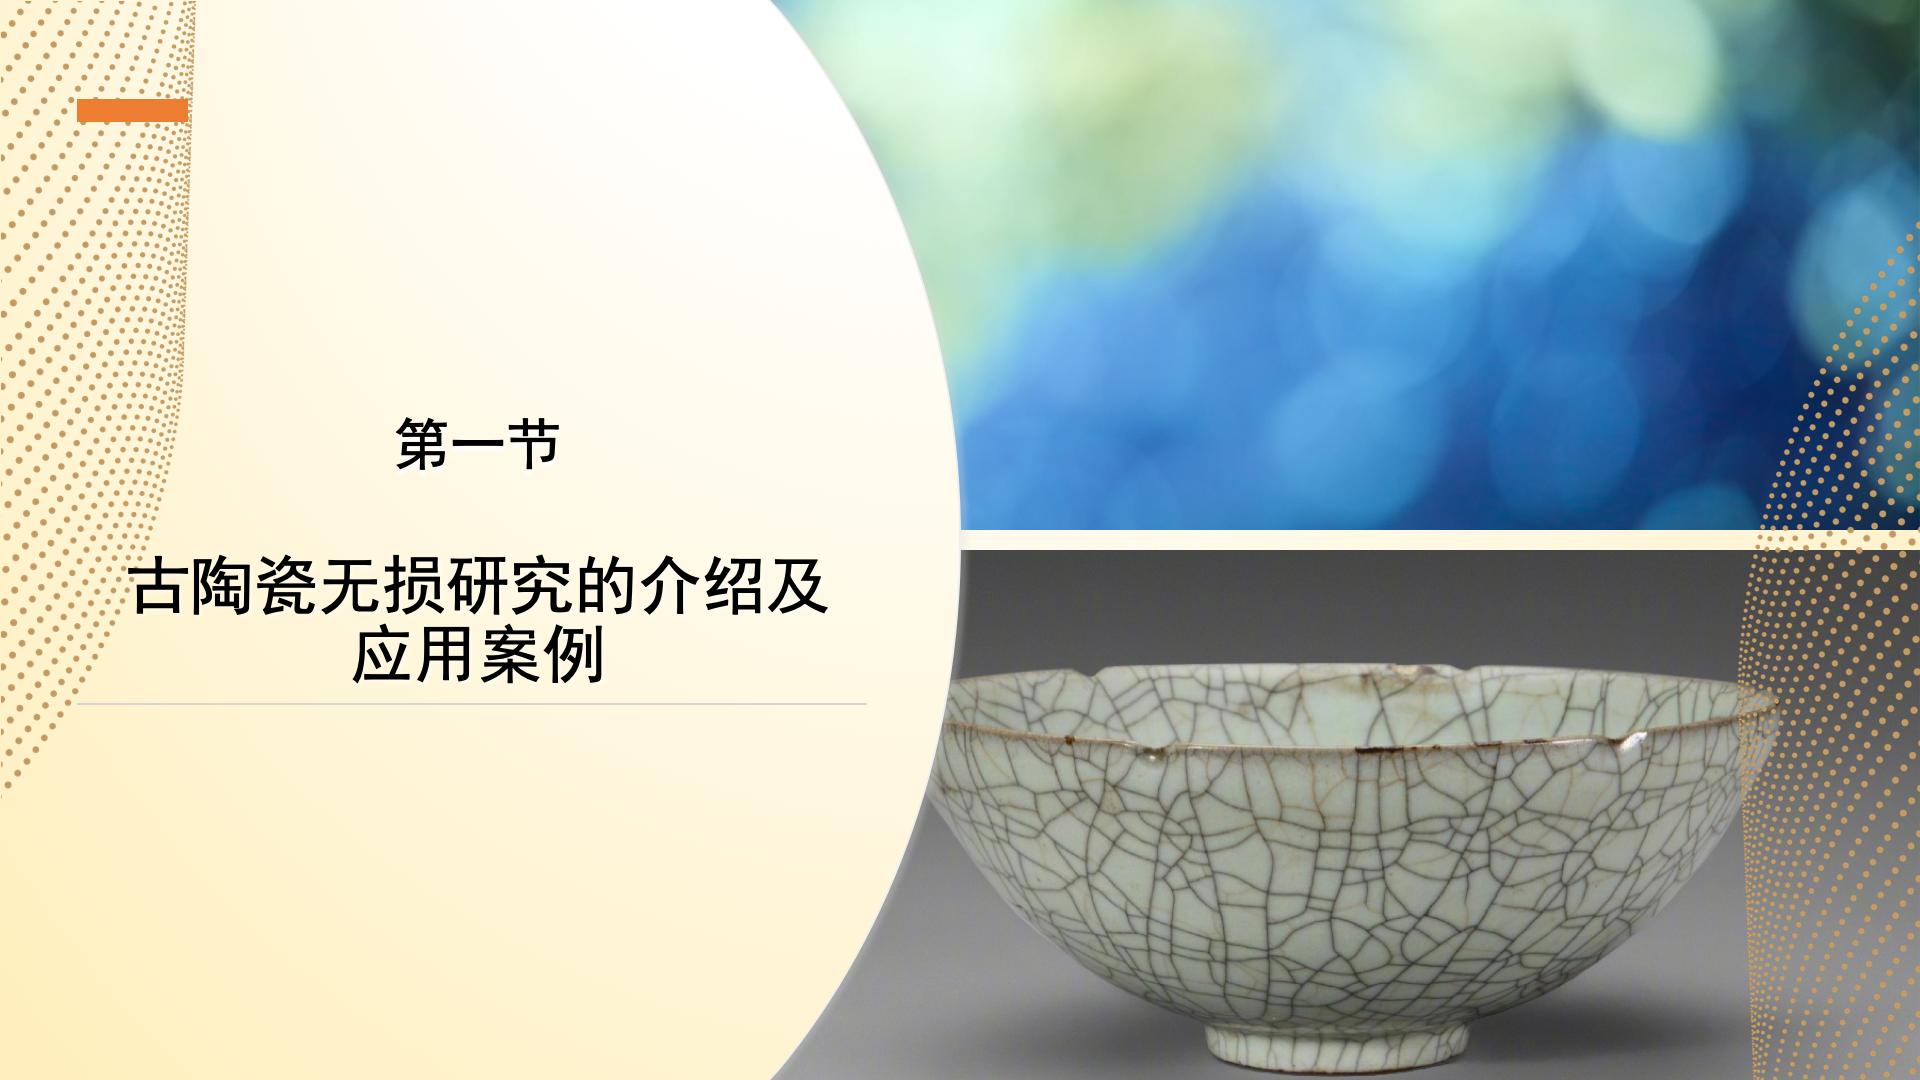 第一节:古陶瓷无损研究的介绍及应用案例